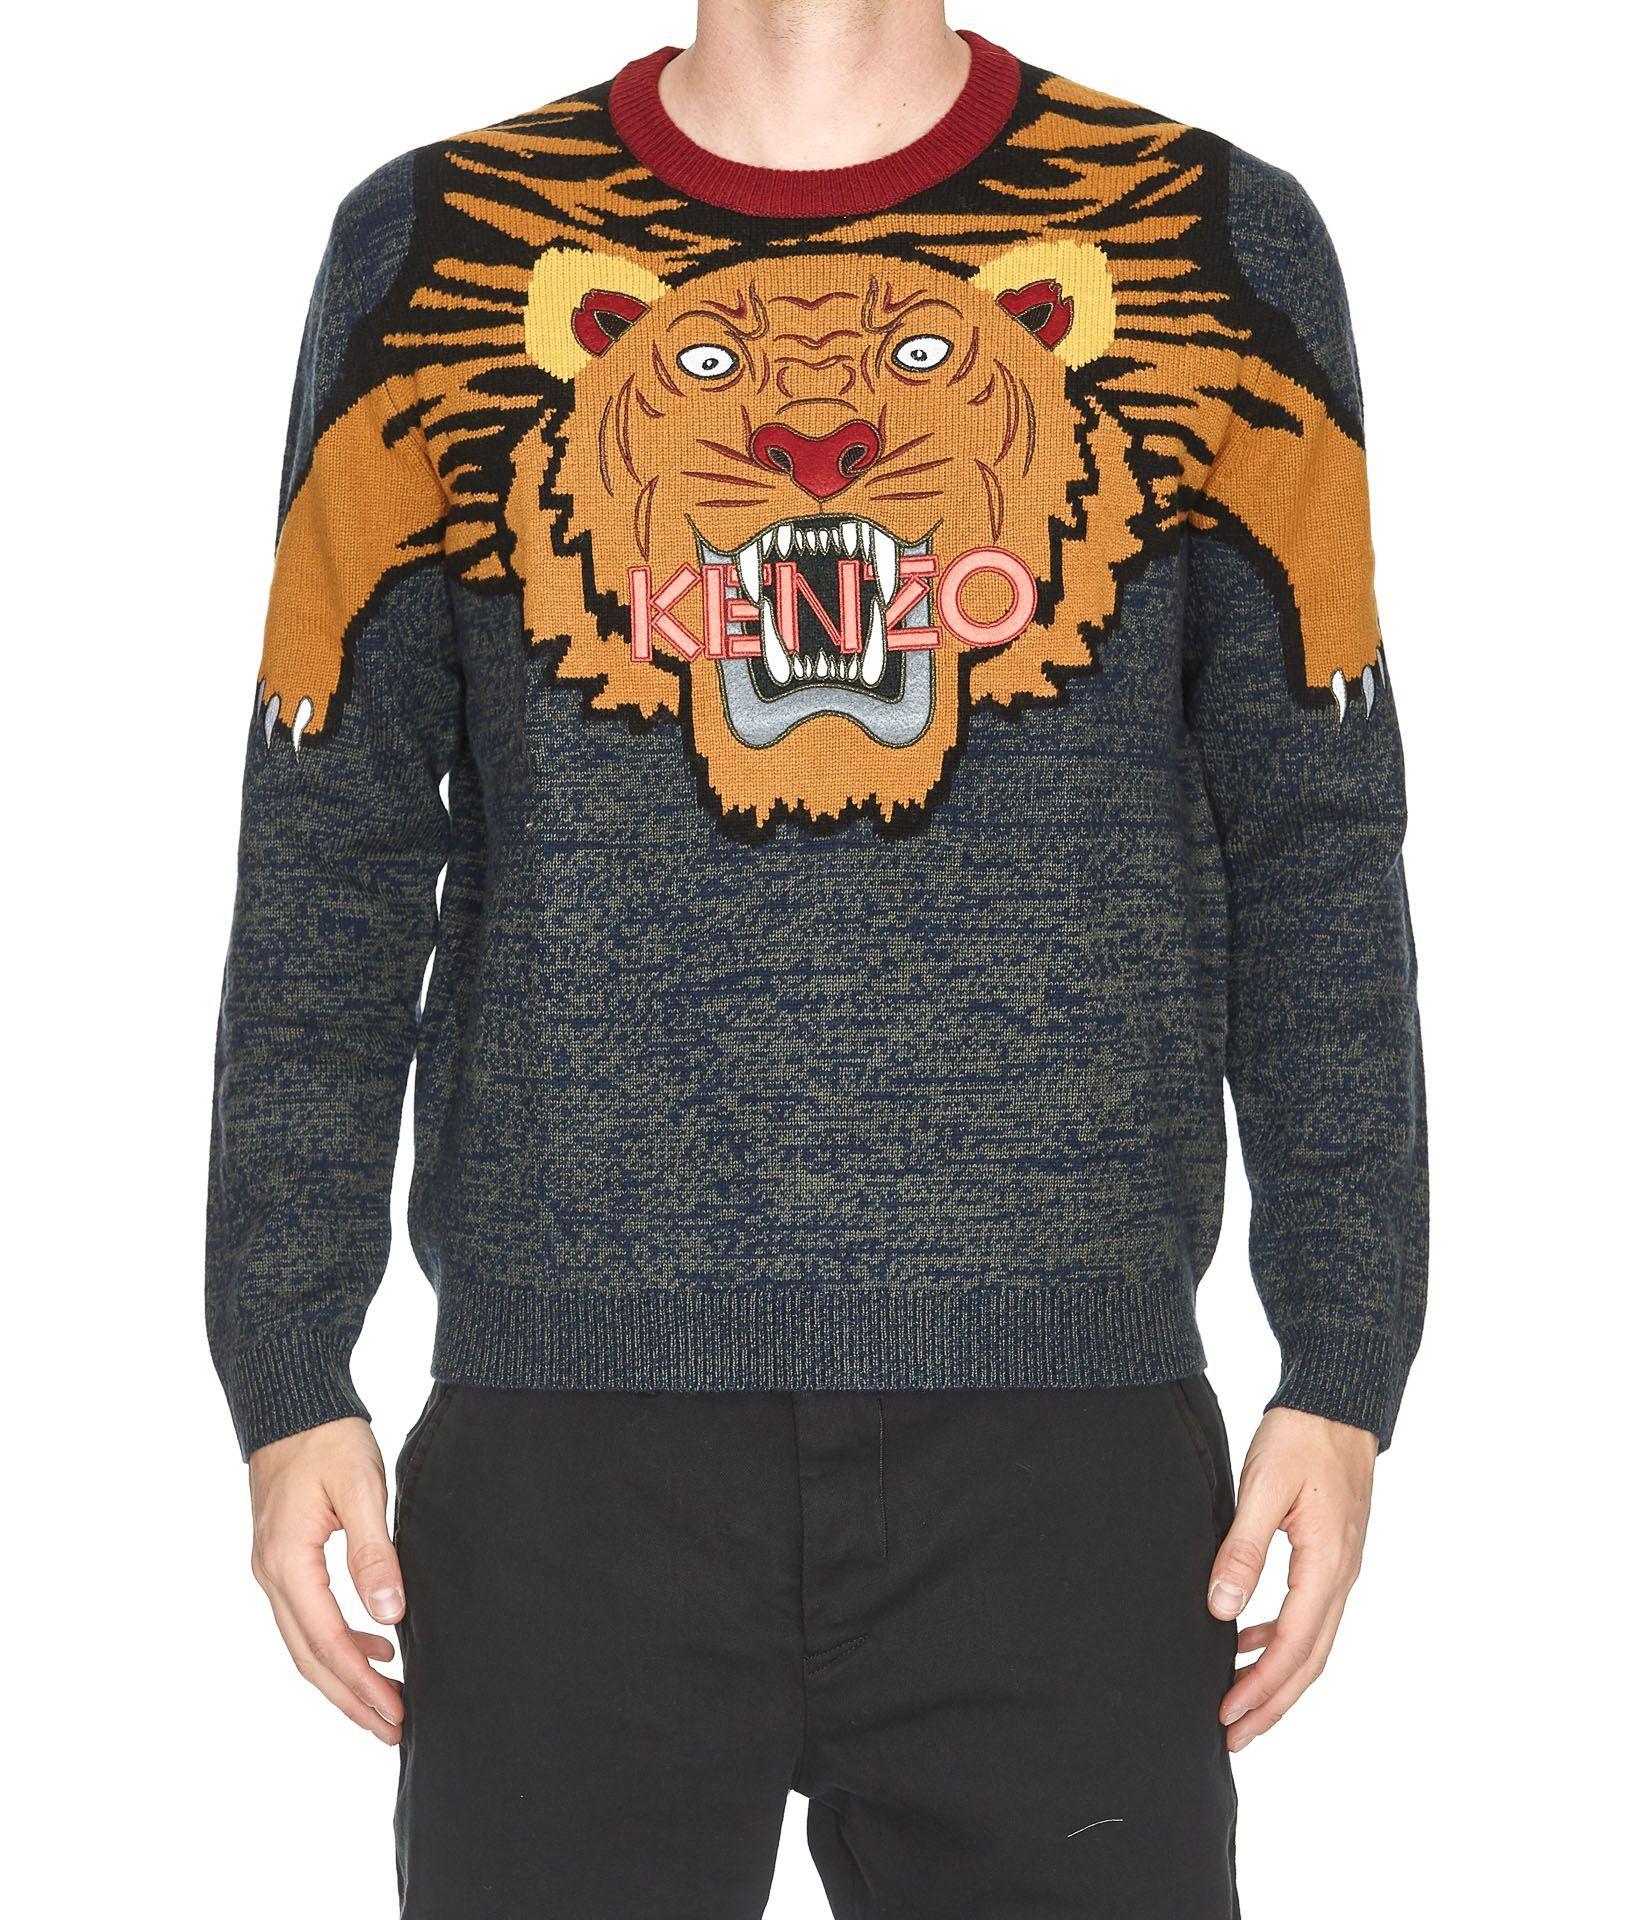 kenzo men tiger sweater